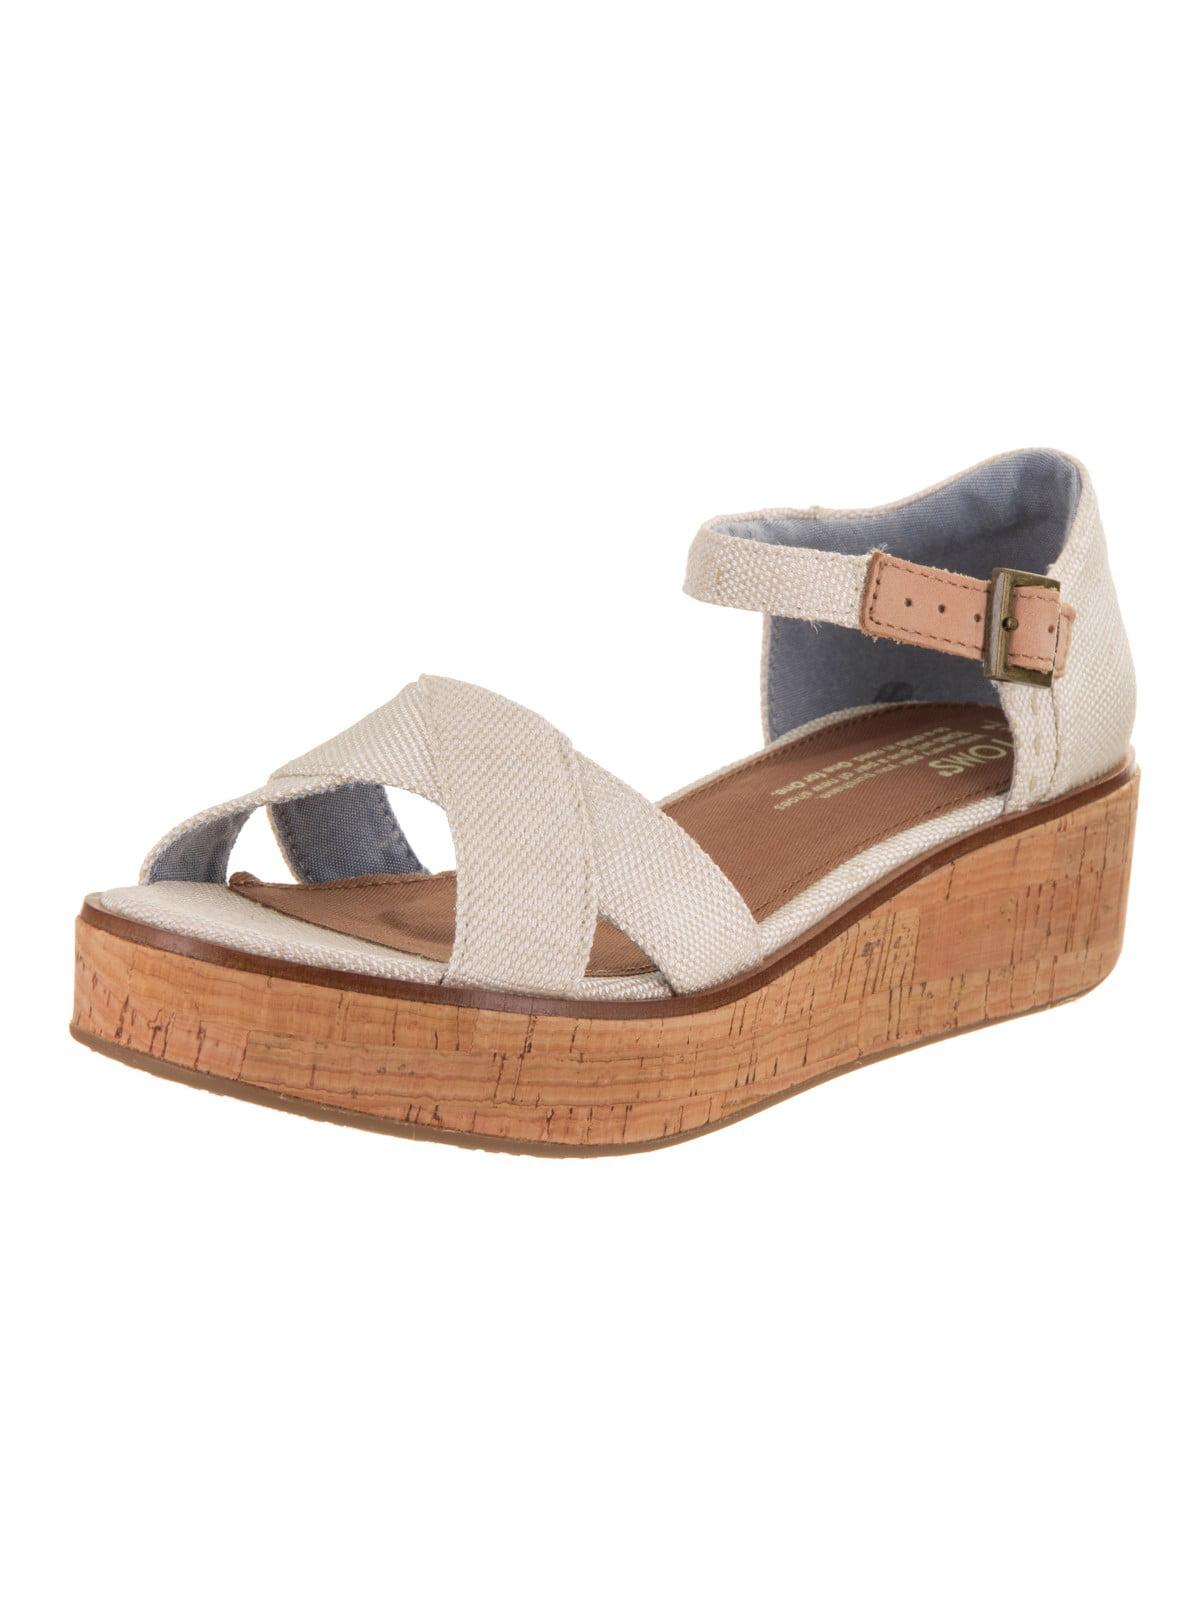 Toms Women's Harper Wedge Sandal